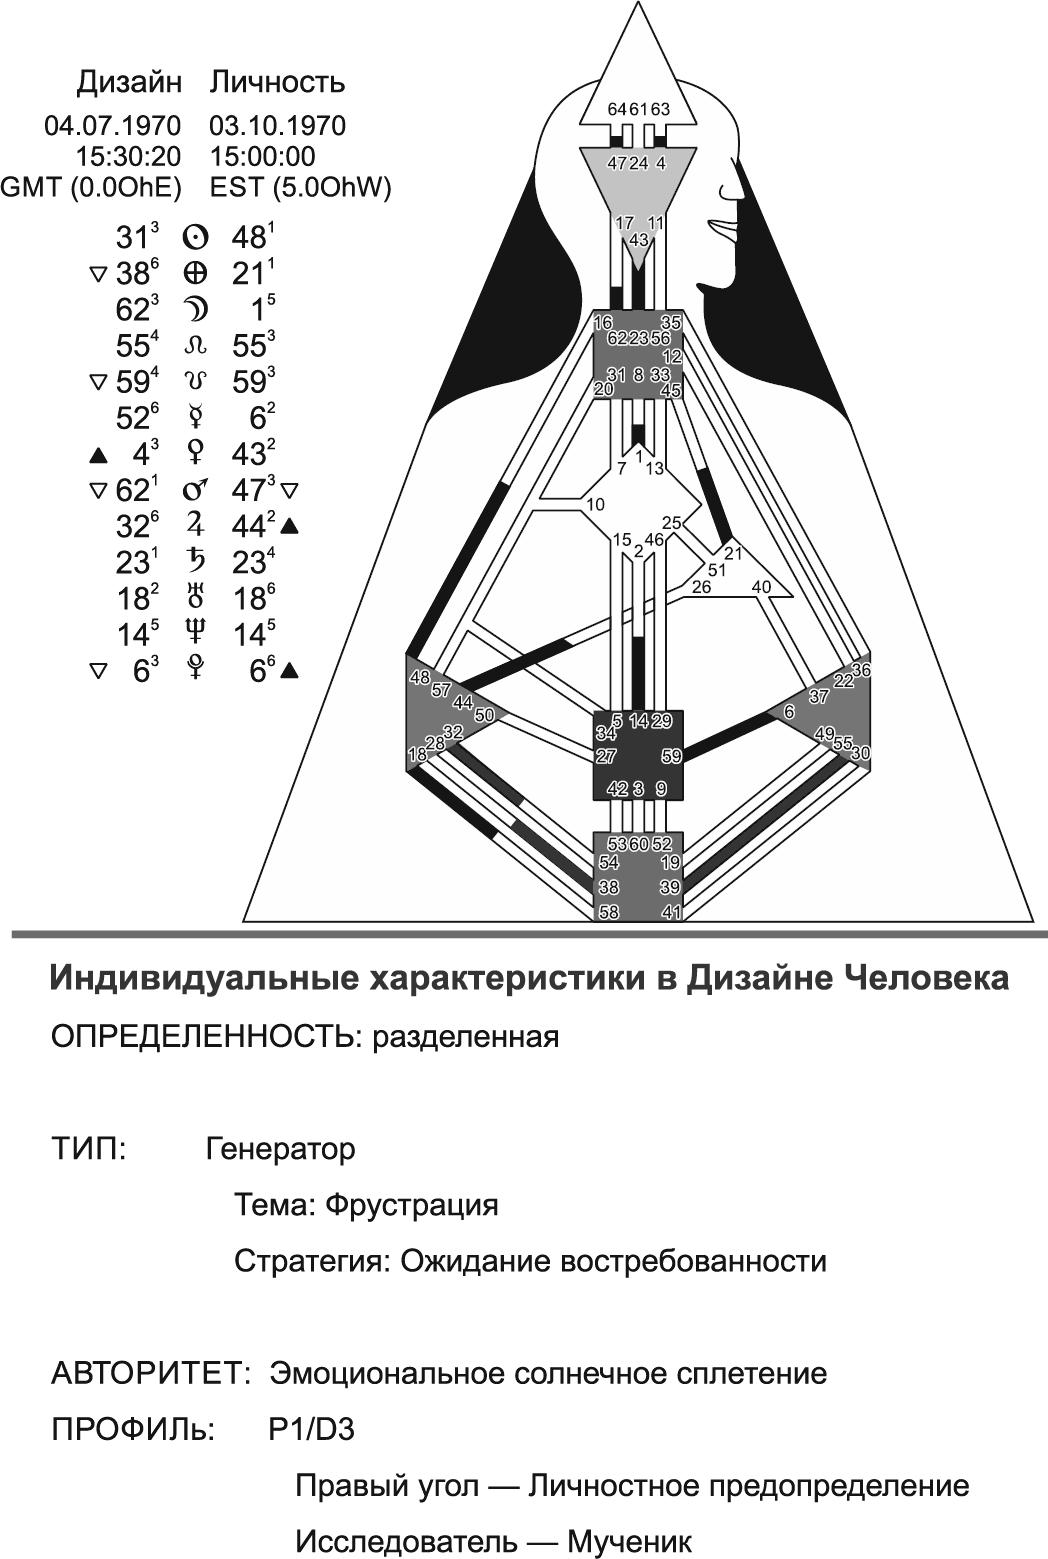 Станок для заточки маникюрных инструментов своими руками